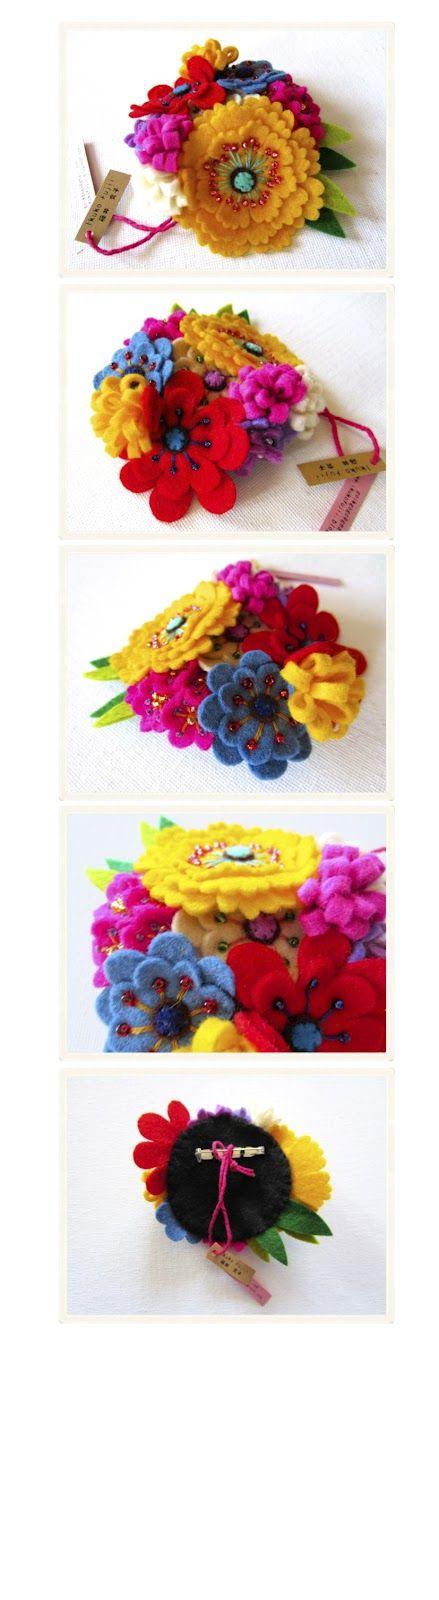 Ikuko Fujii: Ágora de las musas /Multicolor/ Redondita